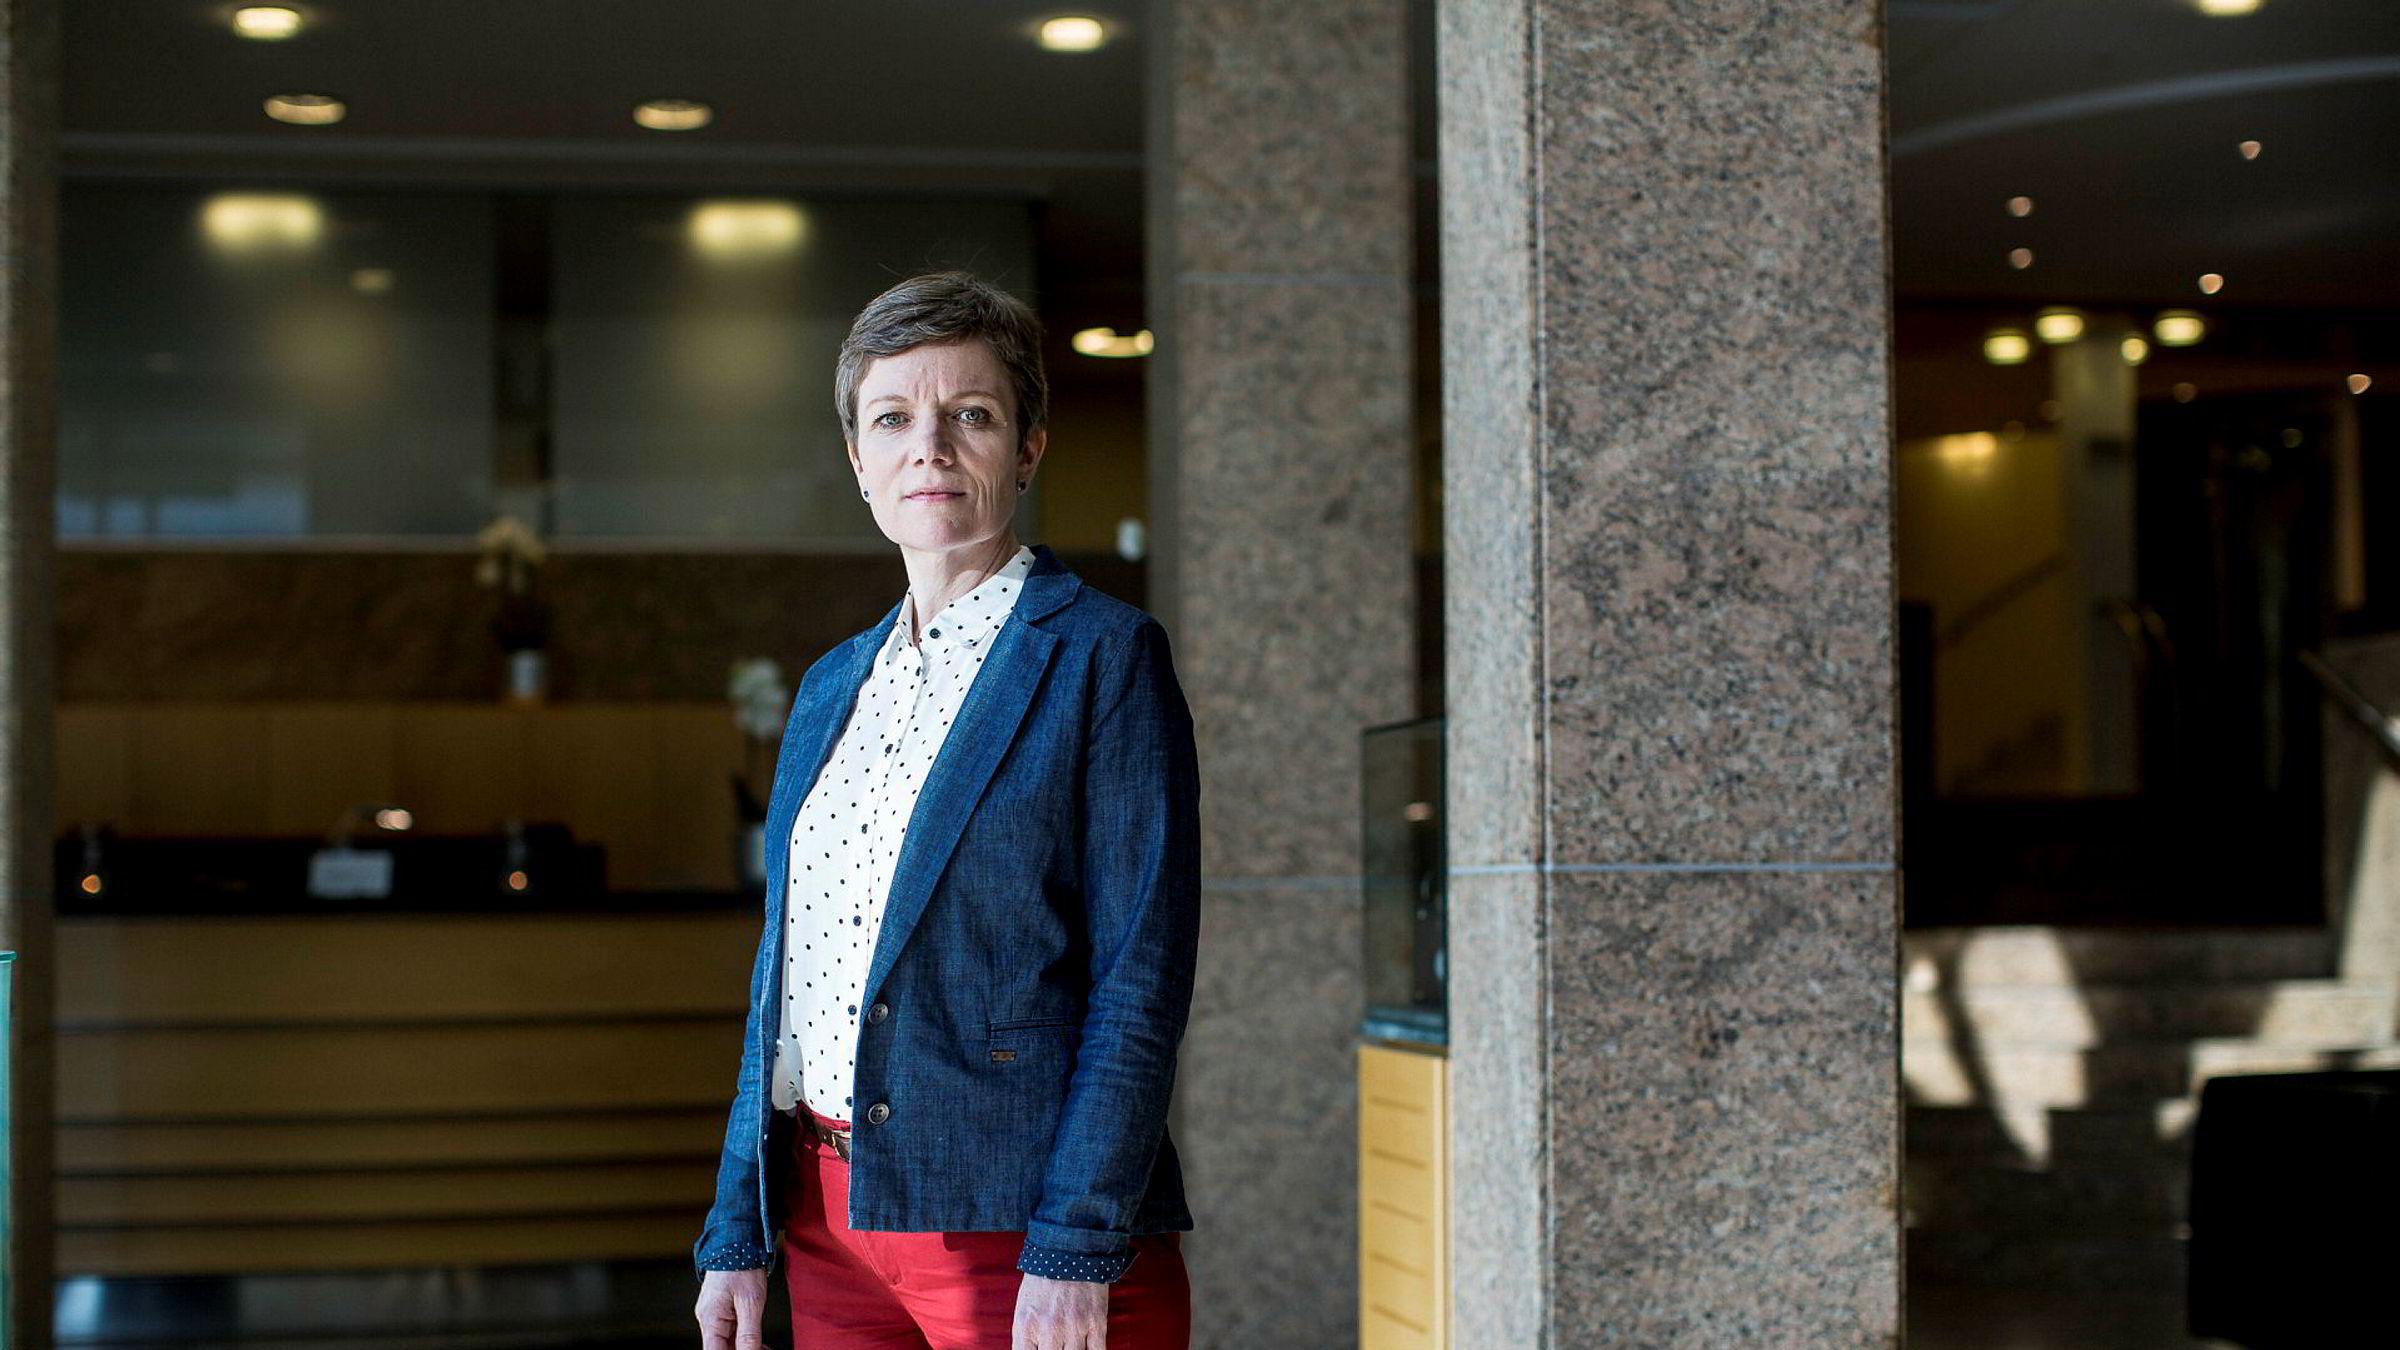 Legeforeningens leder Marit Hermansen mener helsemyndighetene ikke tar fastlegekrisen på alvor.